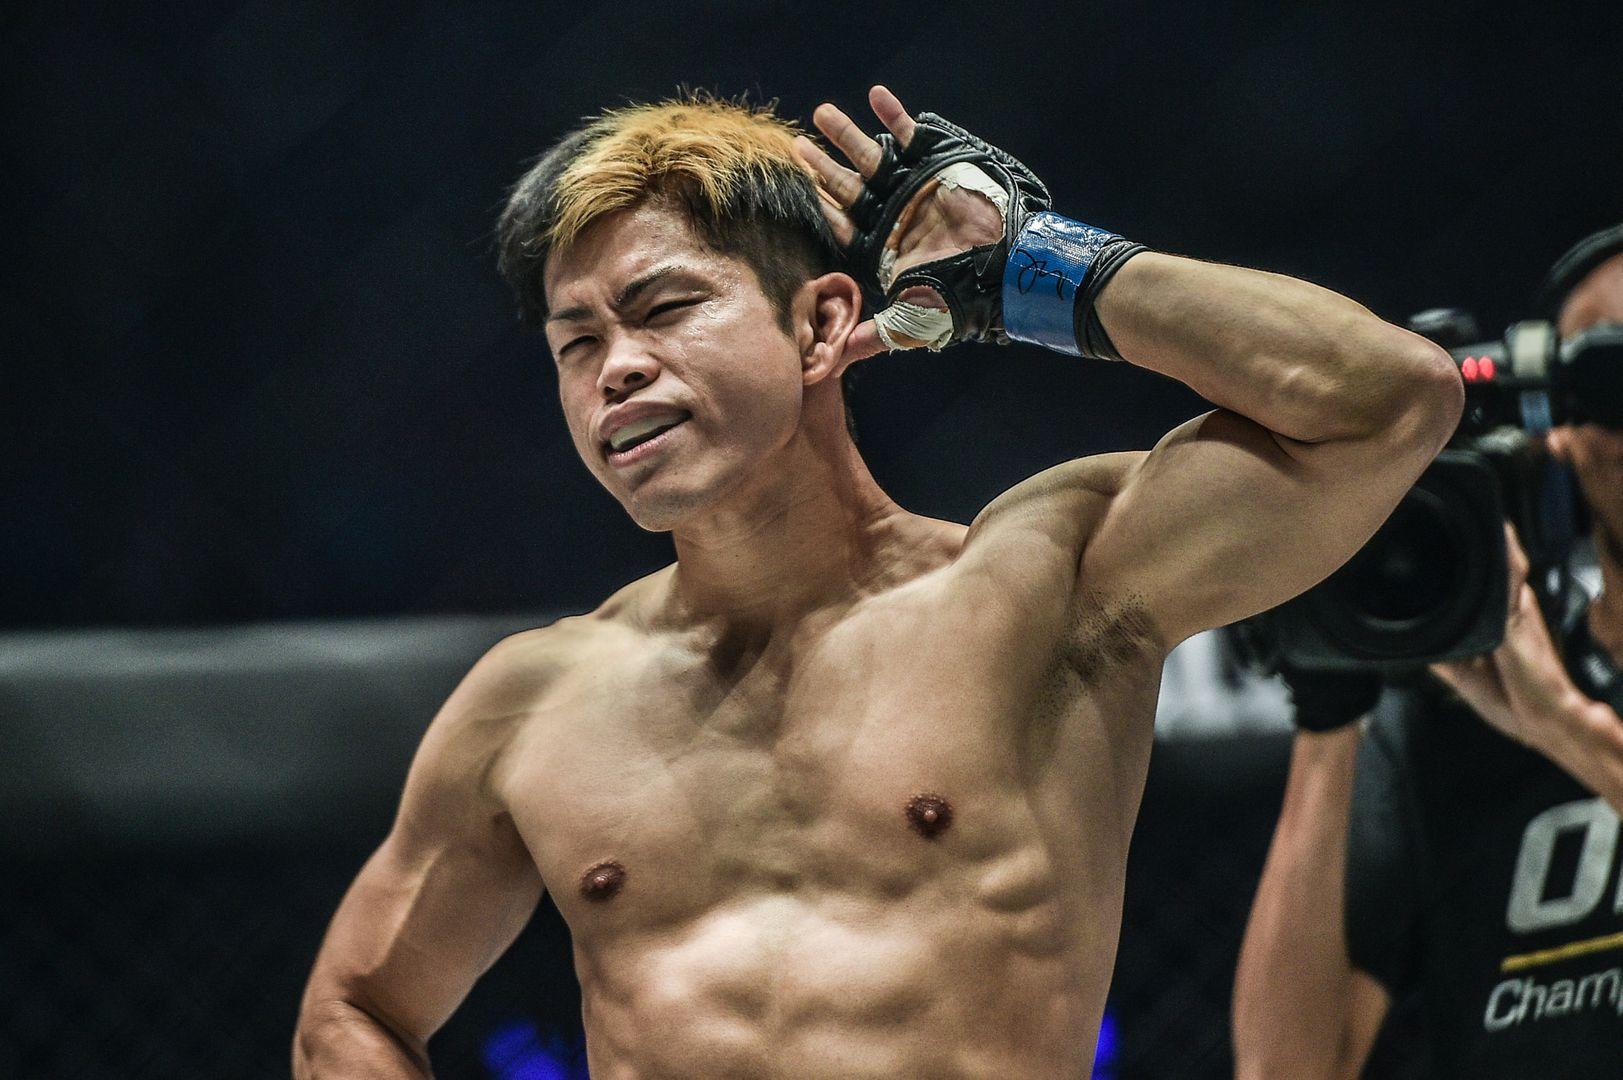 Japanese Muay Thai fighter Hiroaki Suzuki